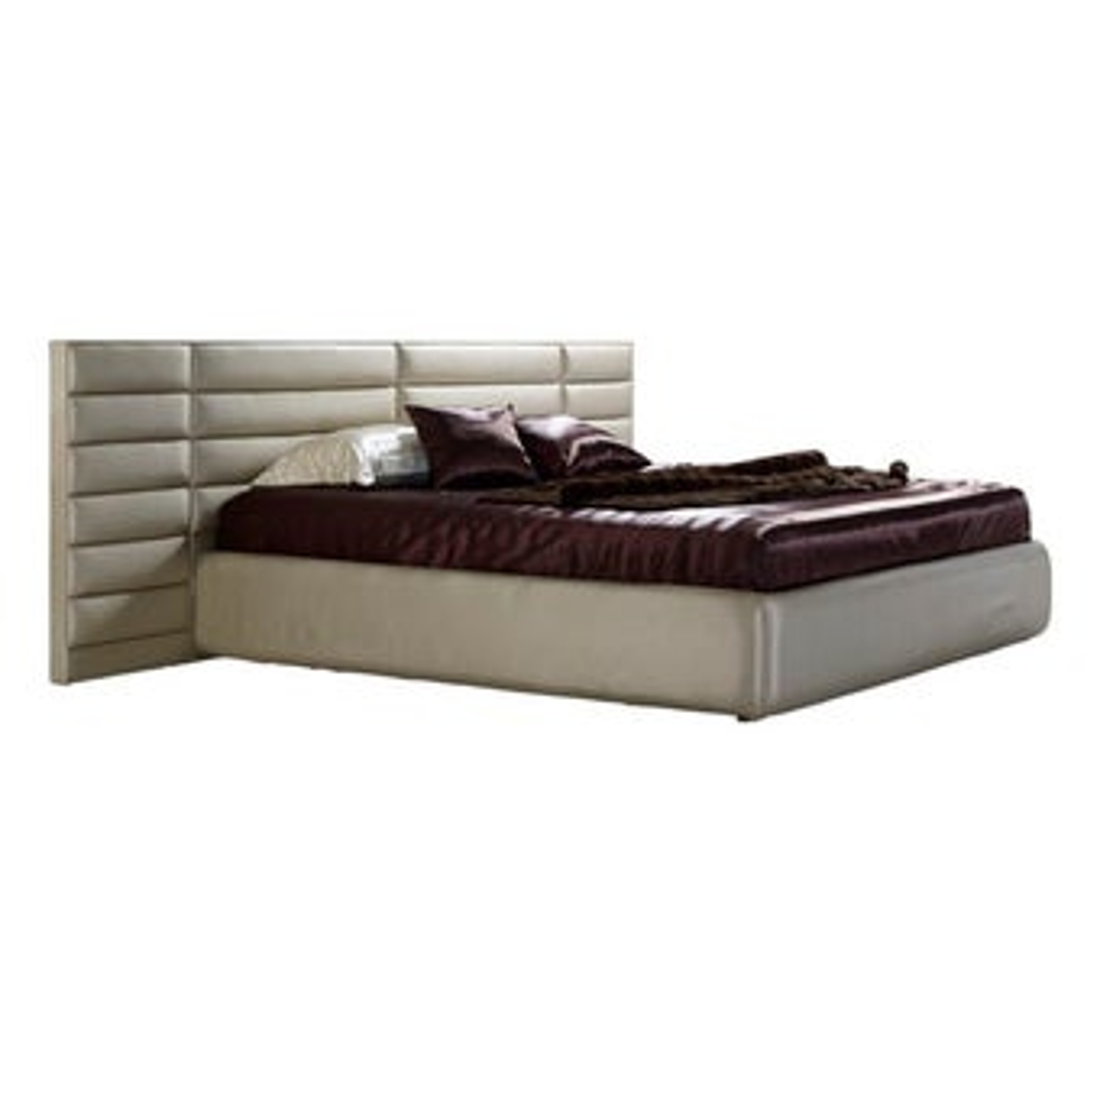 เตียงนอน ขนาด 6 ฟุต รุ่น Rufina สีทองมุก-00